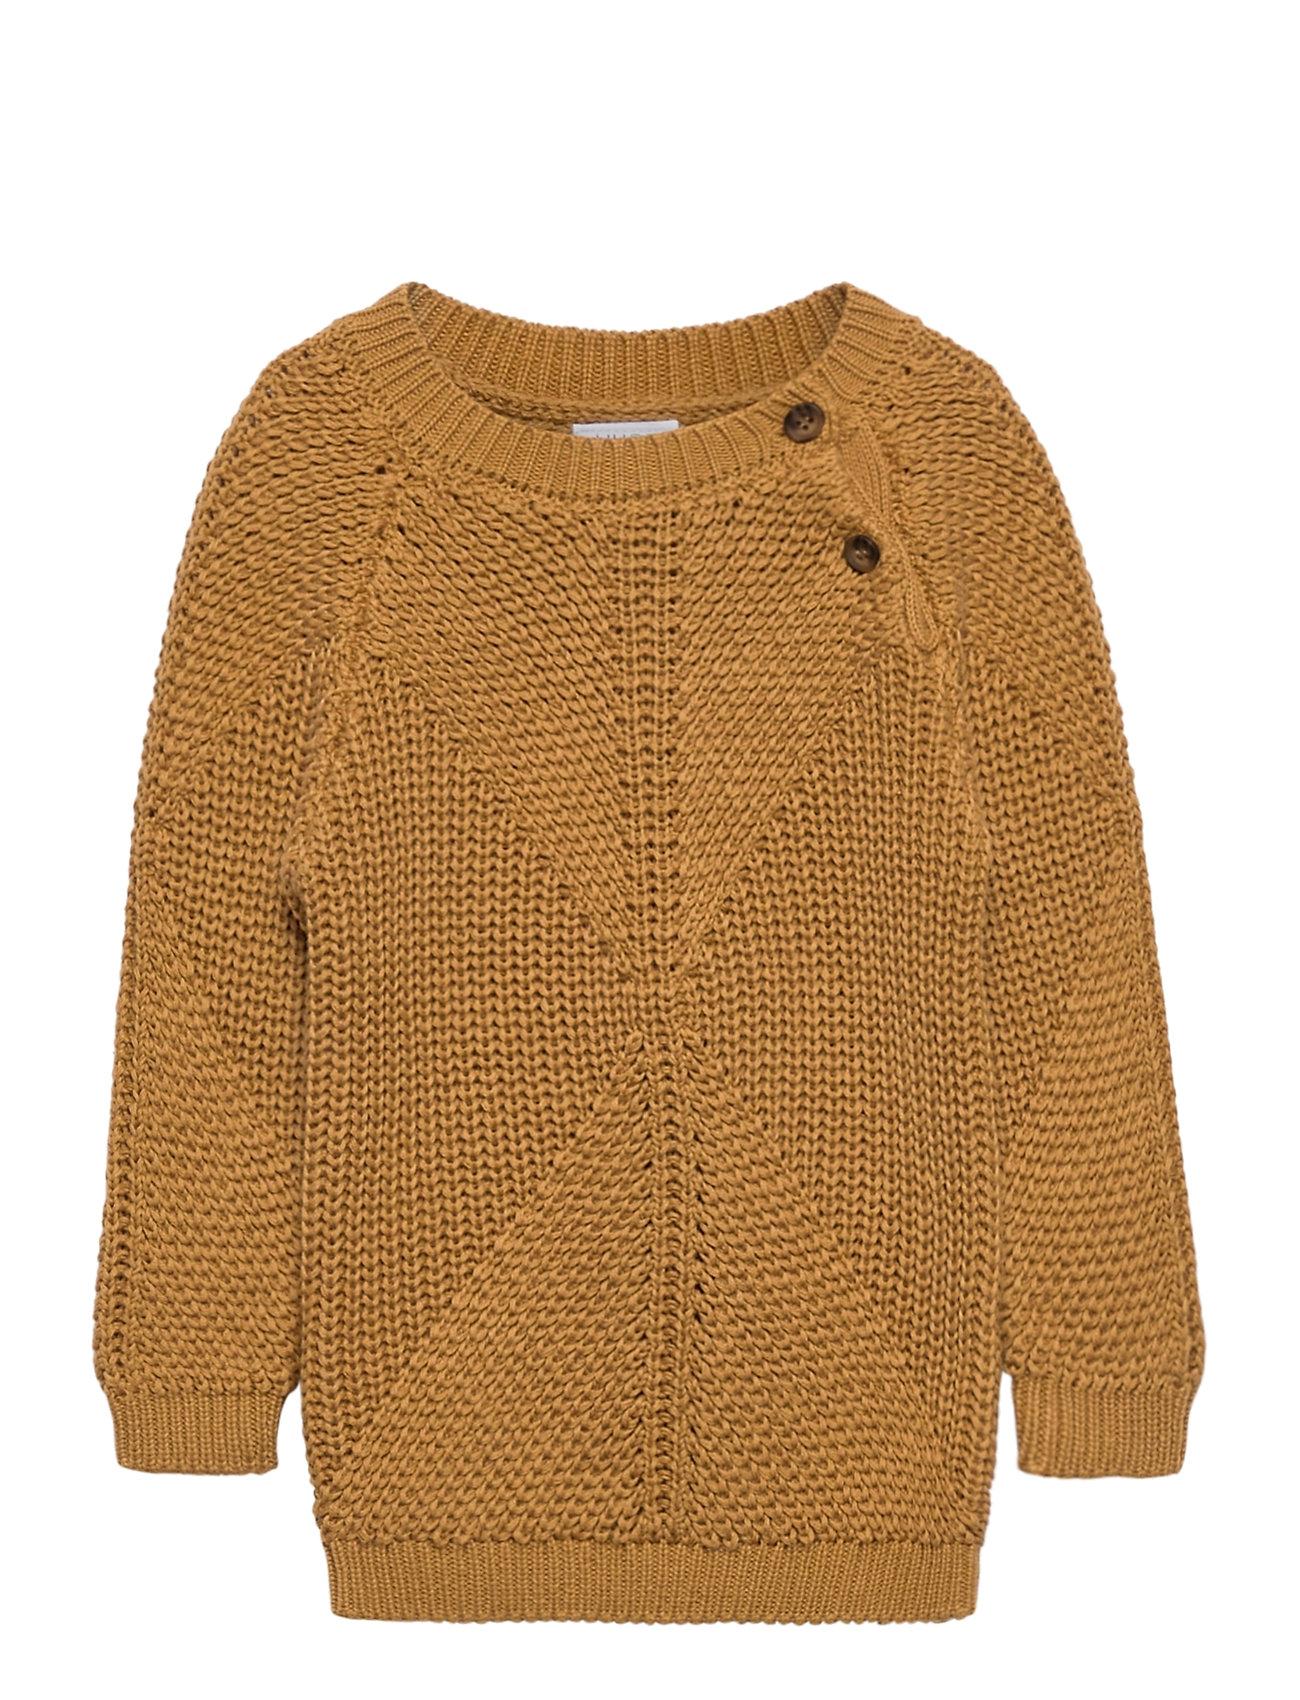 Image of Palle - Pullover Pullover Striktrøje Orange Hust & Claire (3448365029)